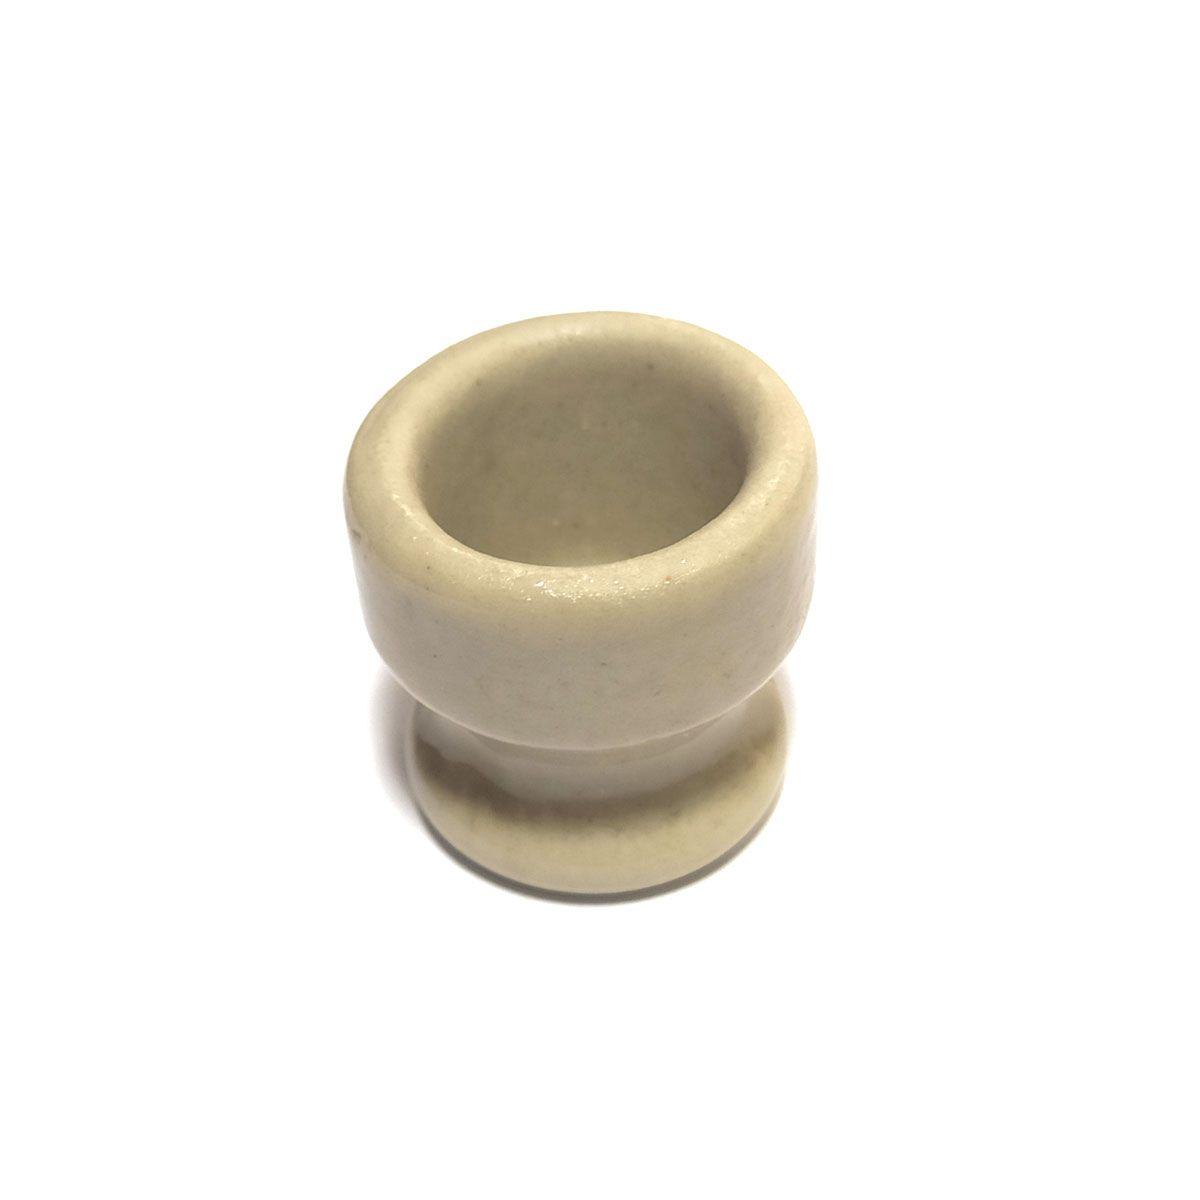 4x Isolador Roldana de Porcelana com Parafusos para Chocadeira / Estufa / Criadeira